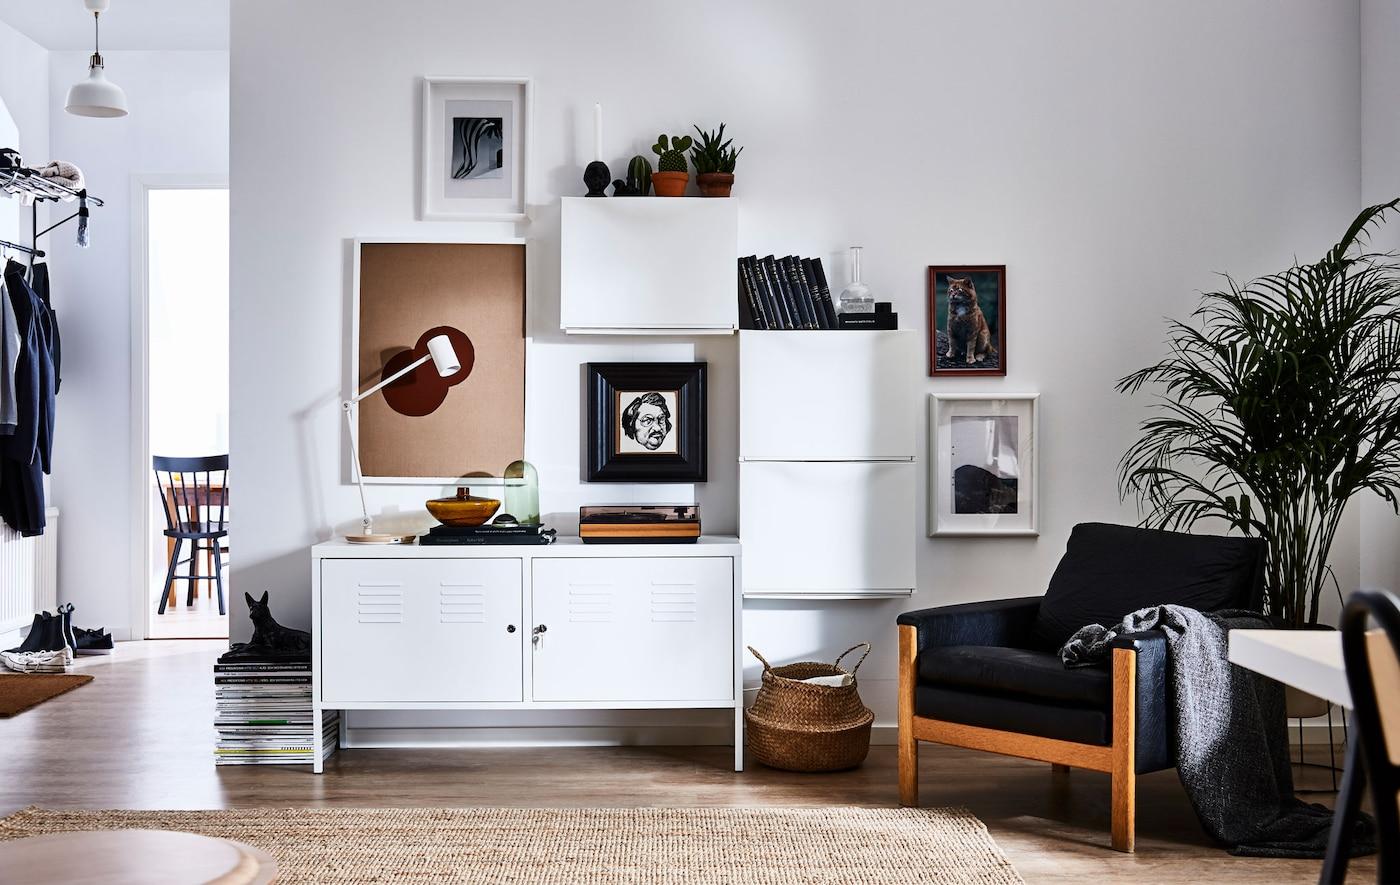 Moderne stue med 1 væg med 3 TRONES skoskabe/opbevaring placeret omkring et lavt skab og brugt til opbevaring og som blikfang